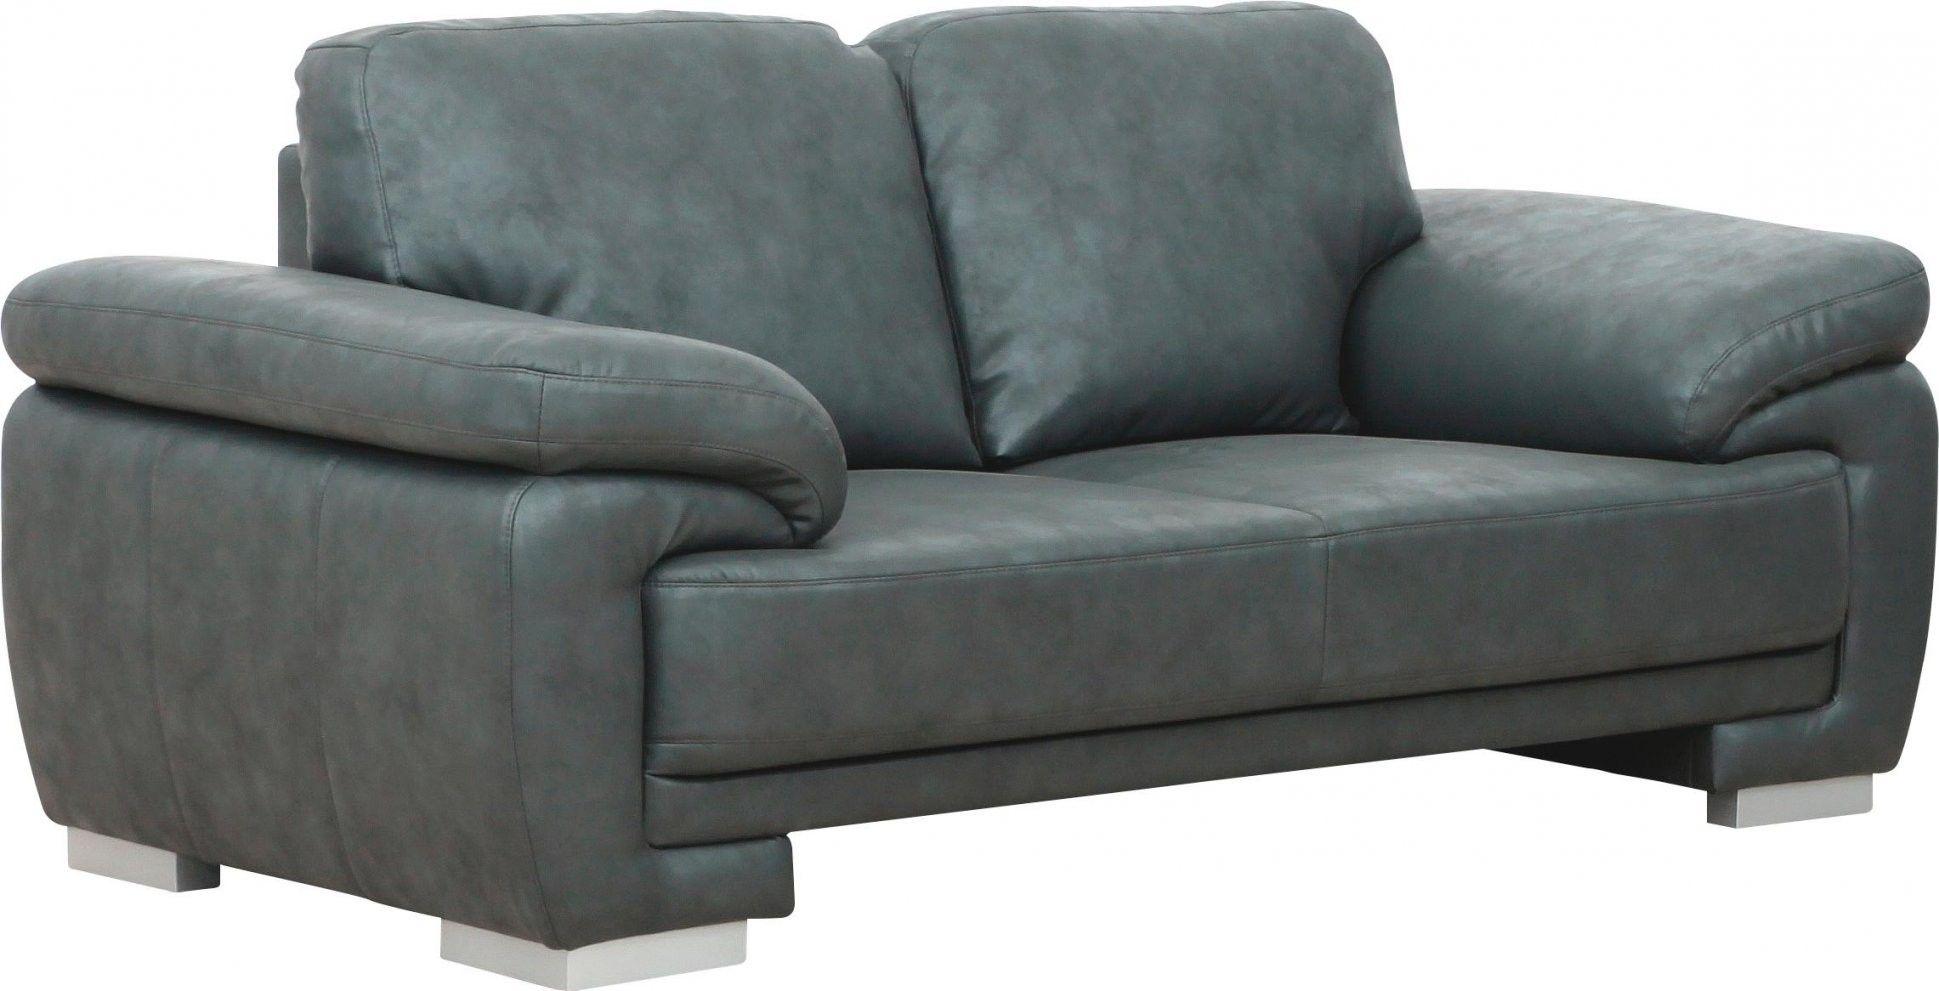 Polstergarnituren 2 25 Amp 3 Sitzersofas Gunstig Online Kaufen Poco Von Sofa 2 Sitzer Billig Bild In 2020 3er Sofa Kunstleder Sofa Coole Sofas